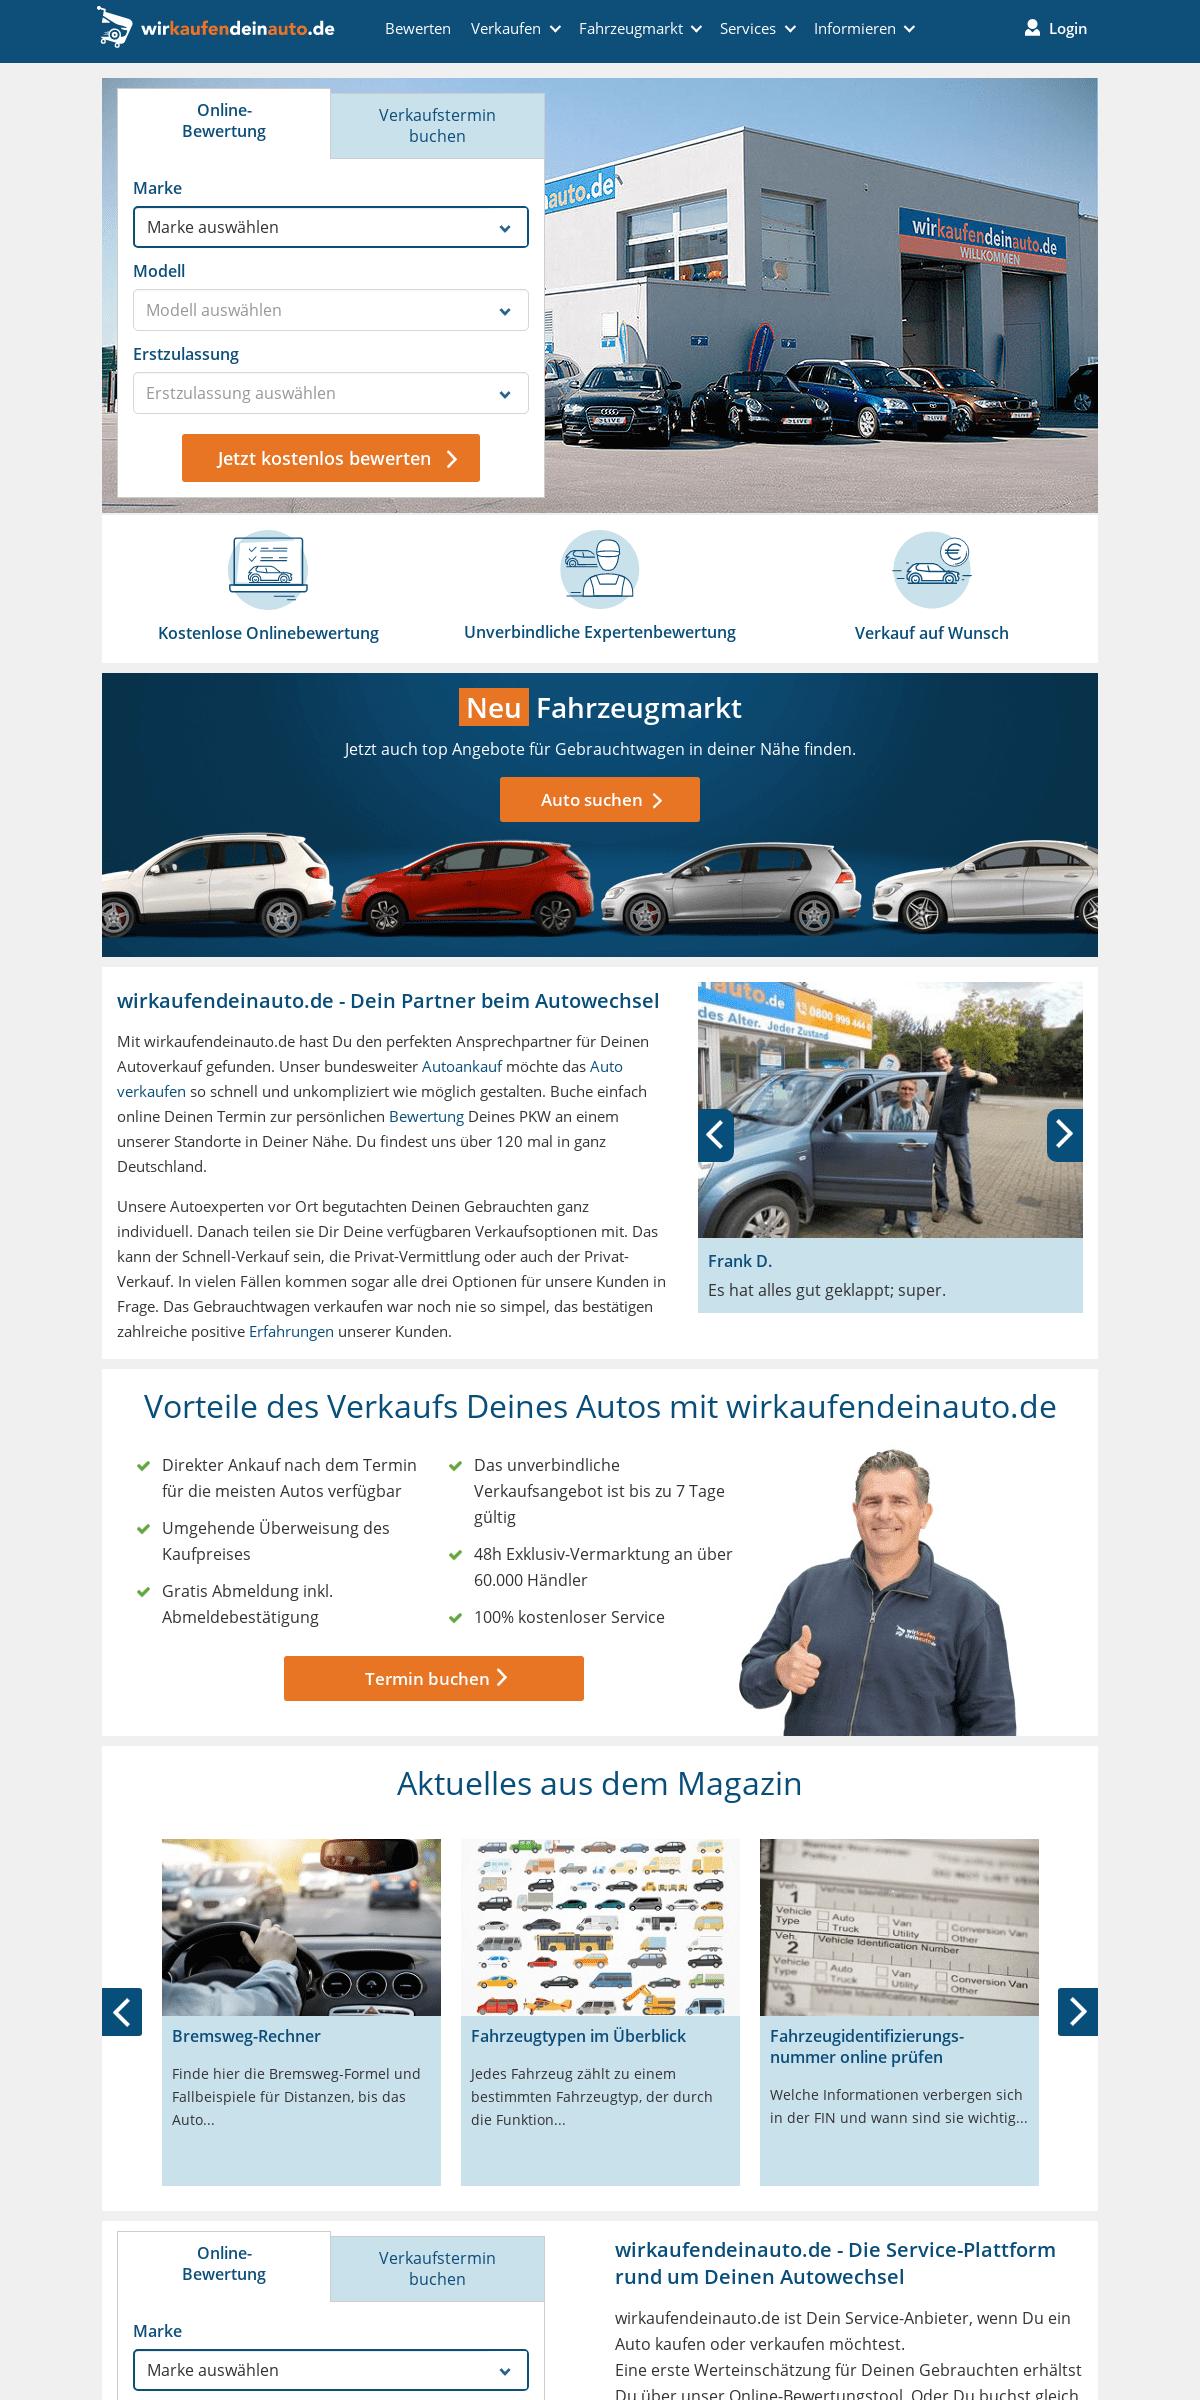 Schnell, einfach, immer die beste Lösung - wirkaufendeinauto.de